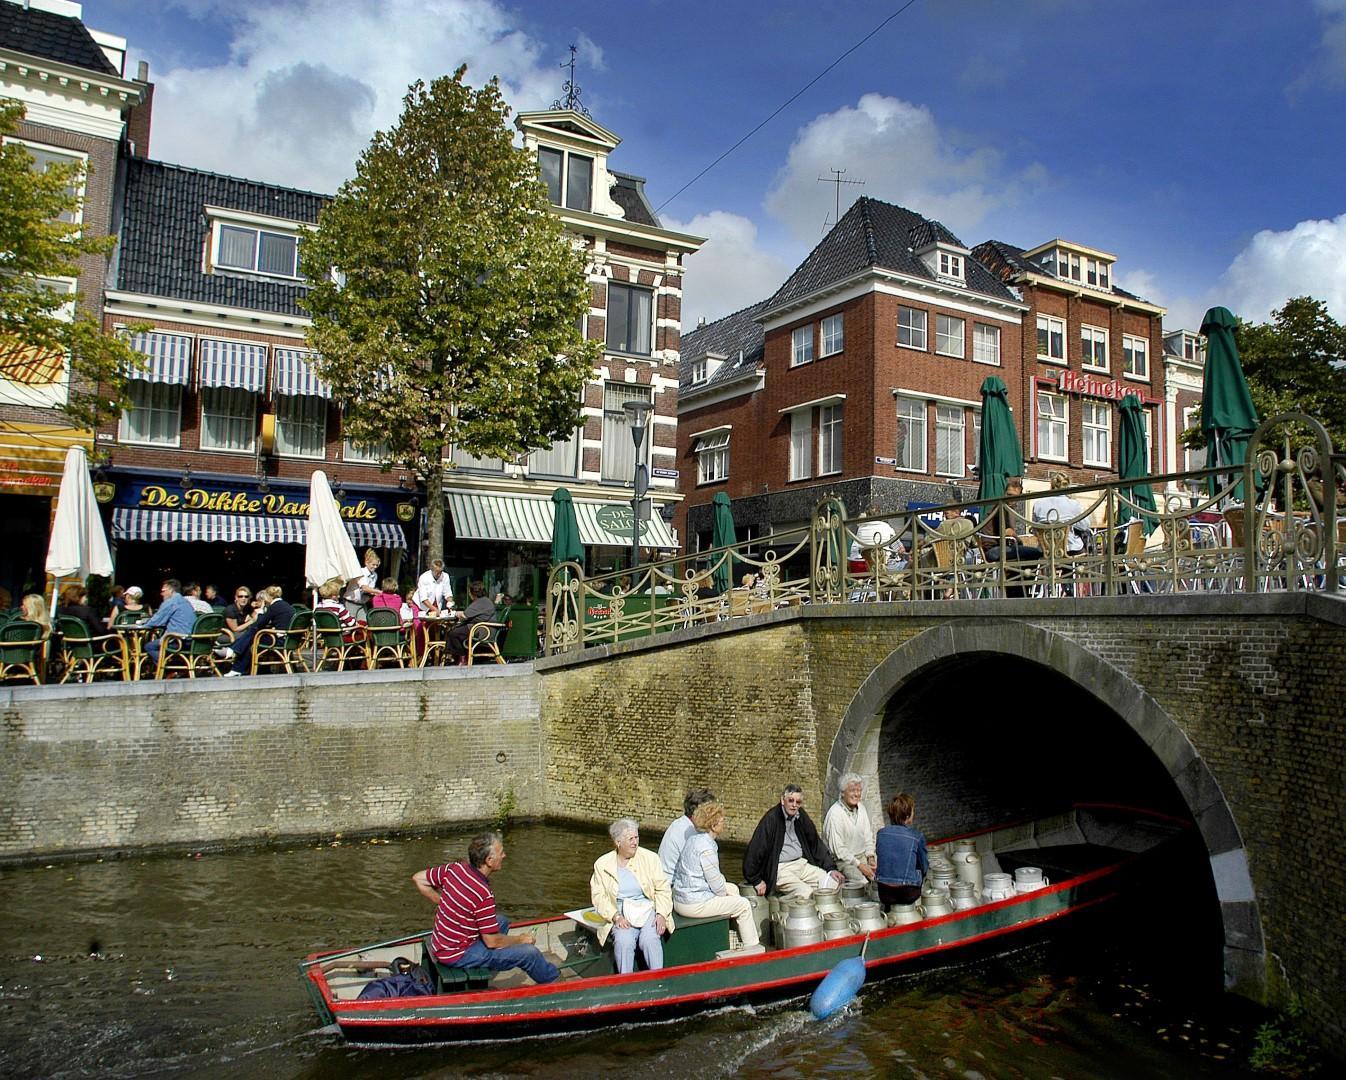 Olanda: la bella Leeuwarden capitale della cultura